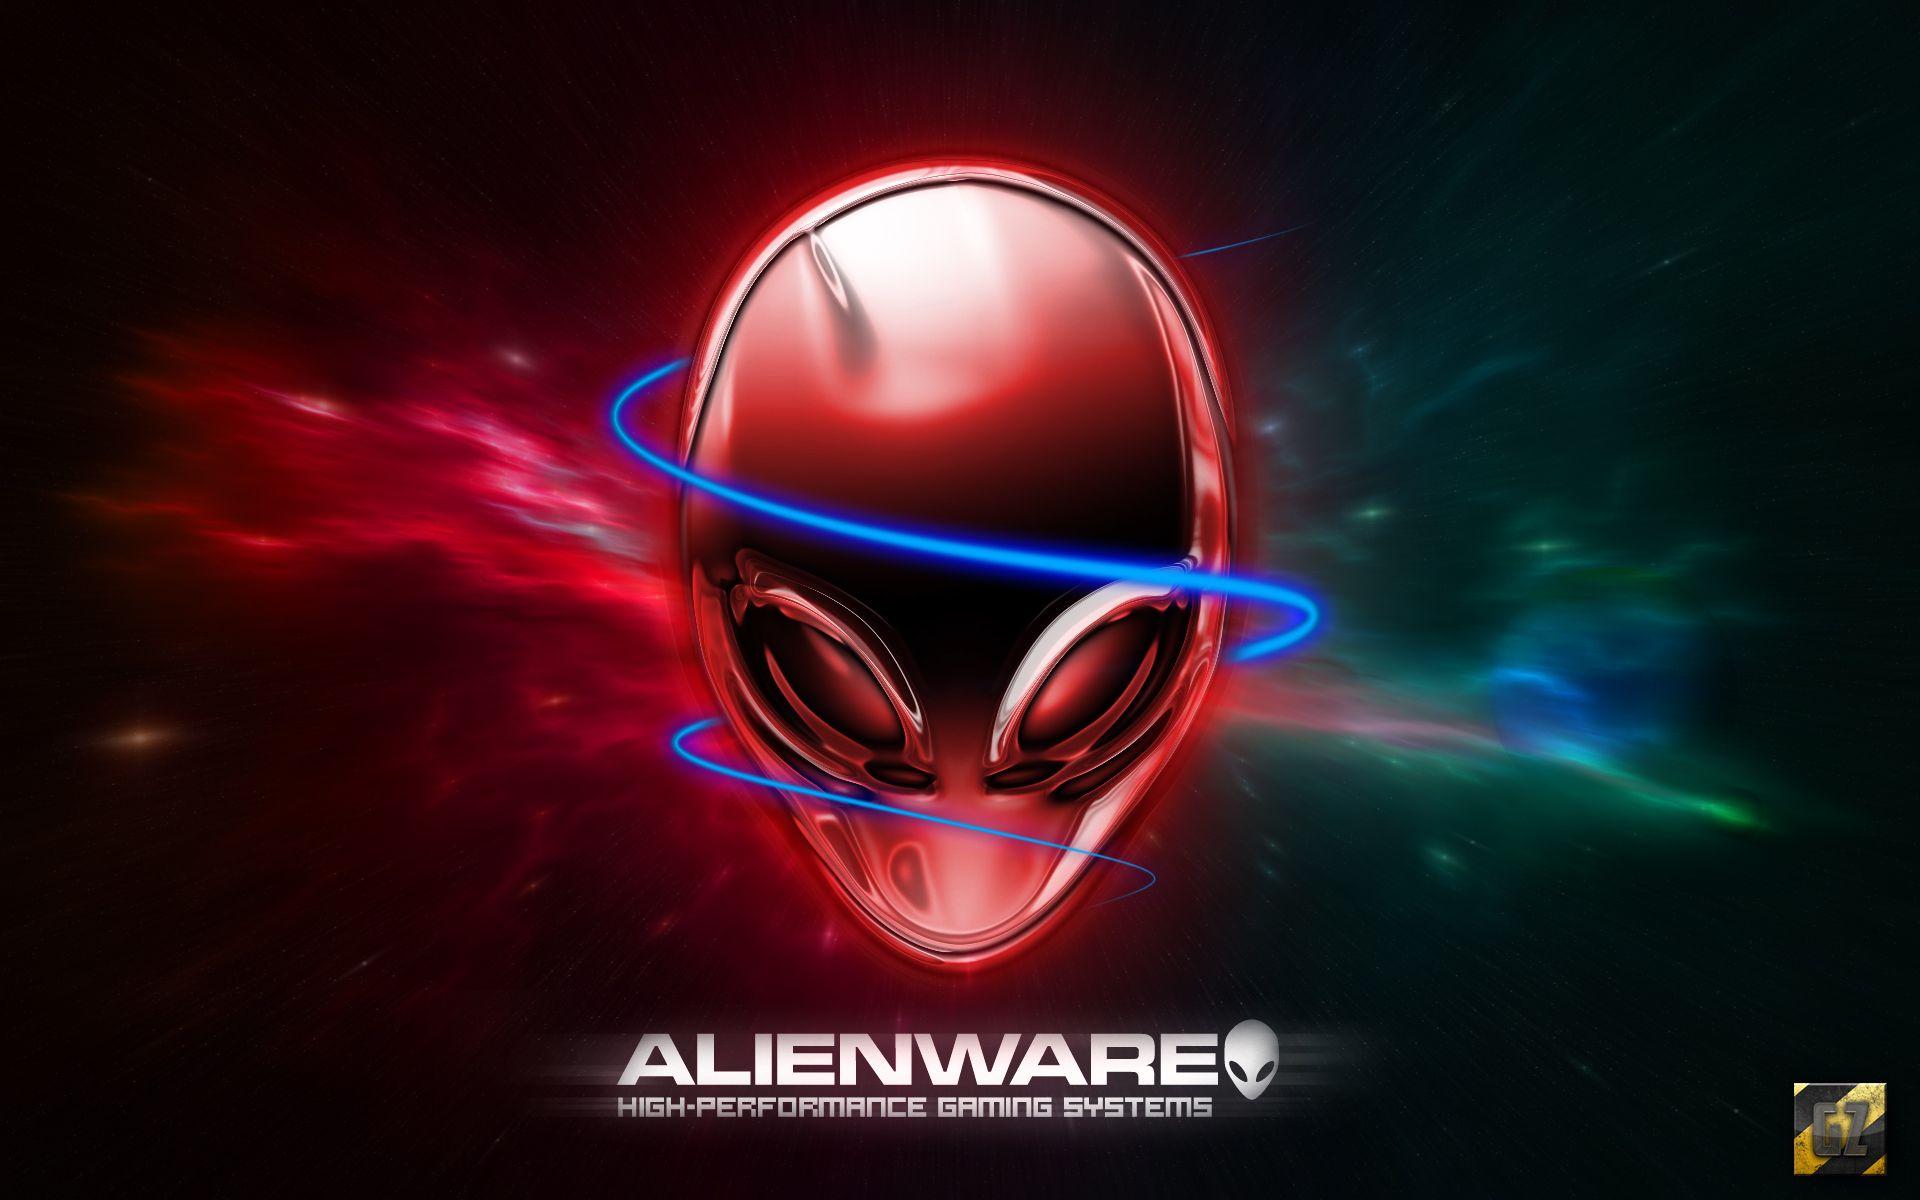 Alienware red zone alienware pinterest alienware and android alienware red zone voltagebd Choice Image